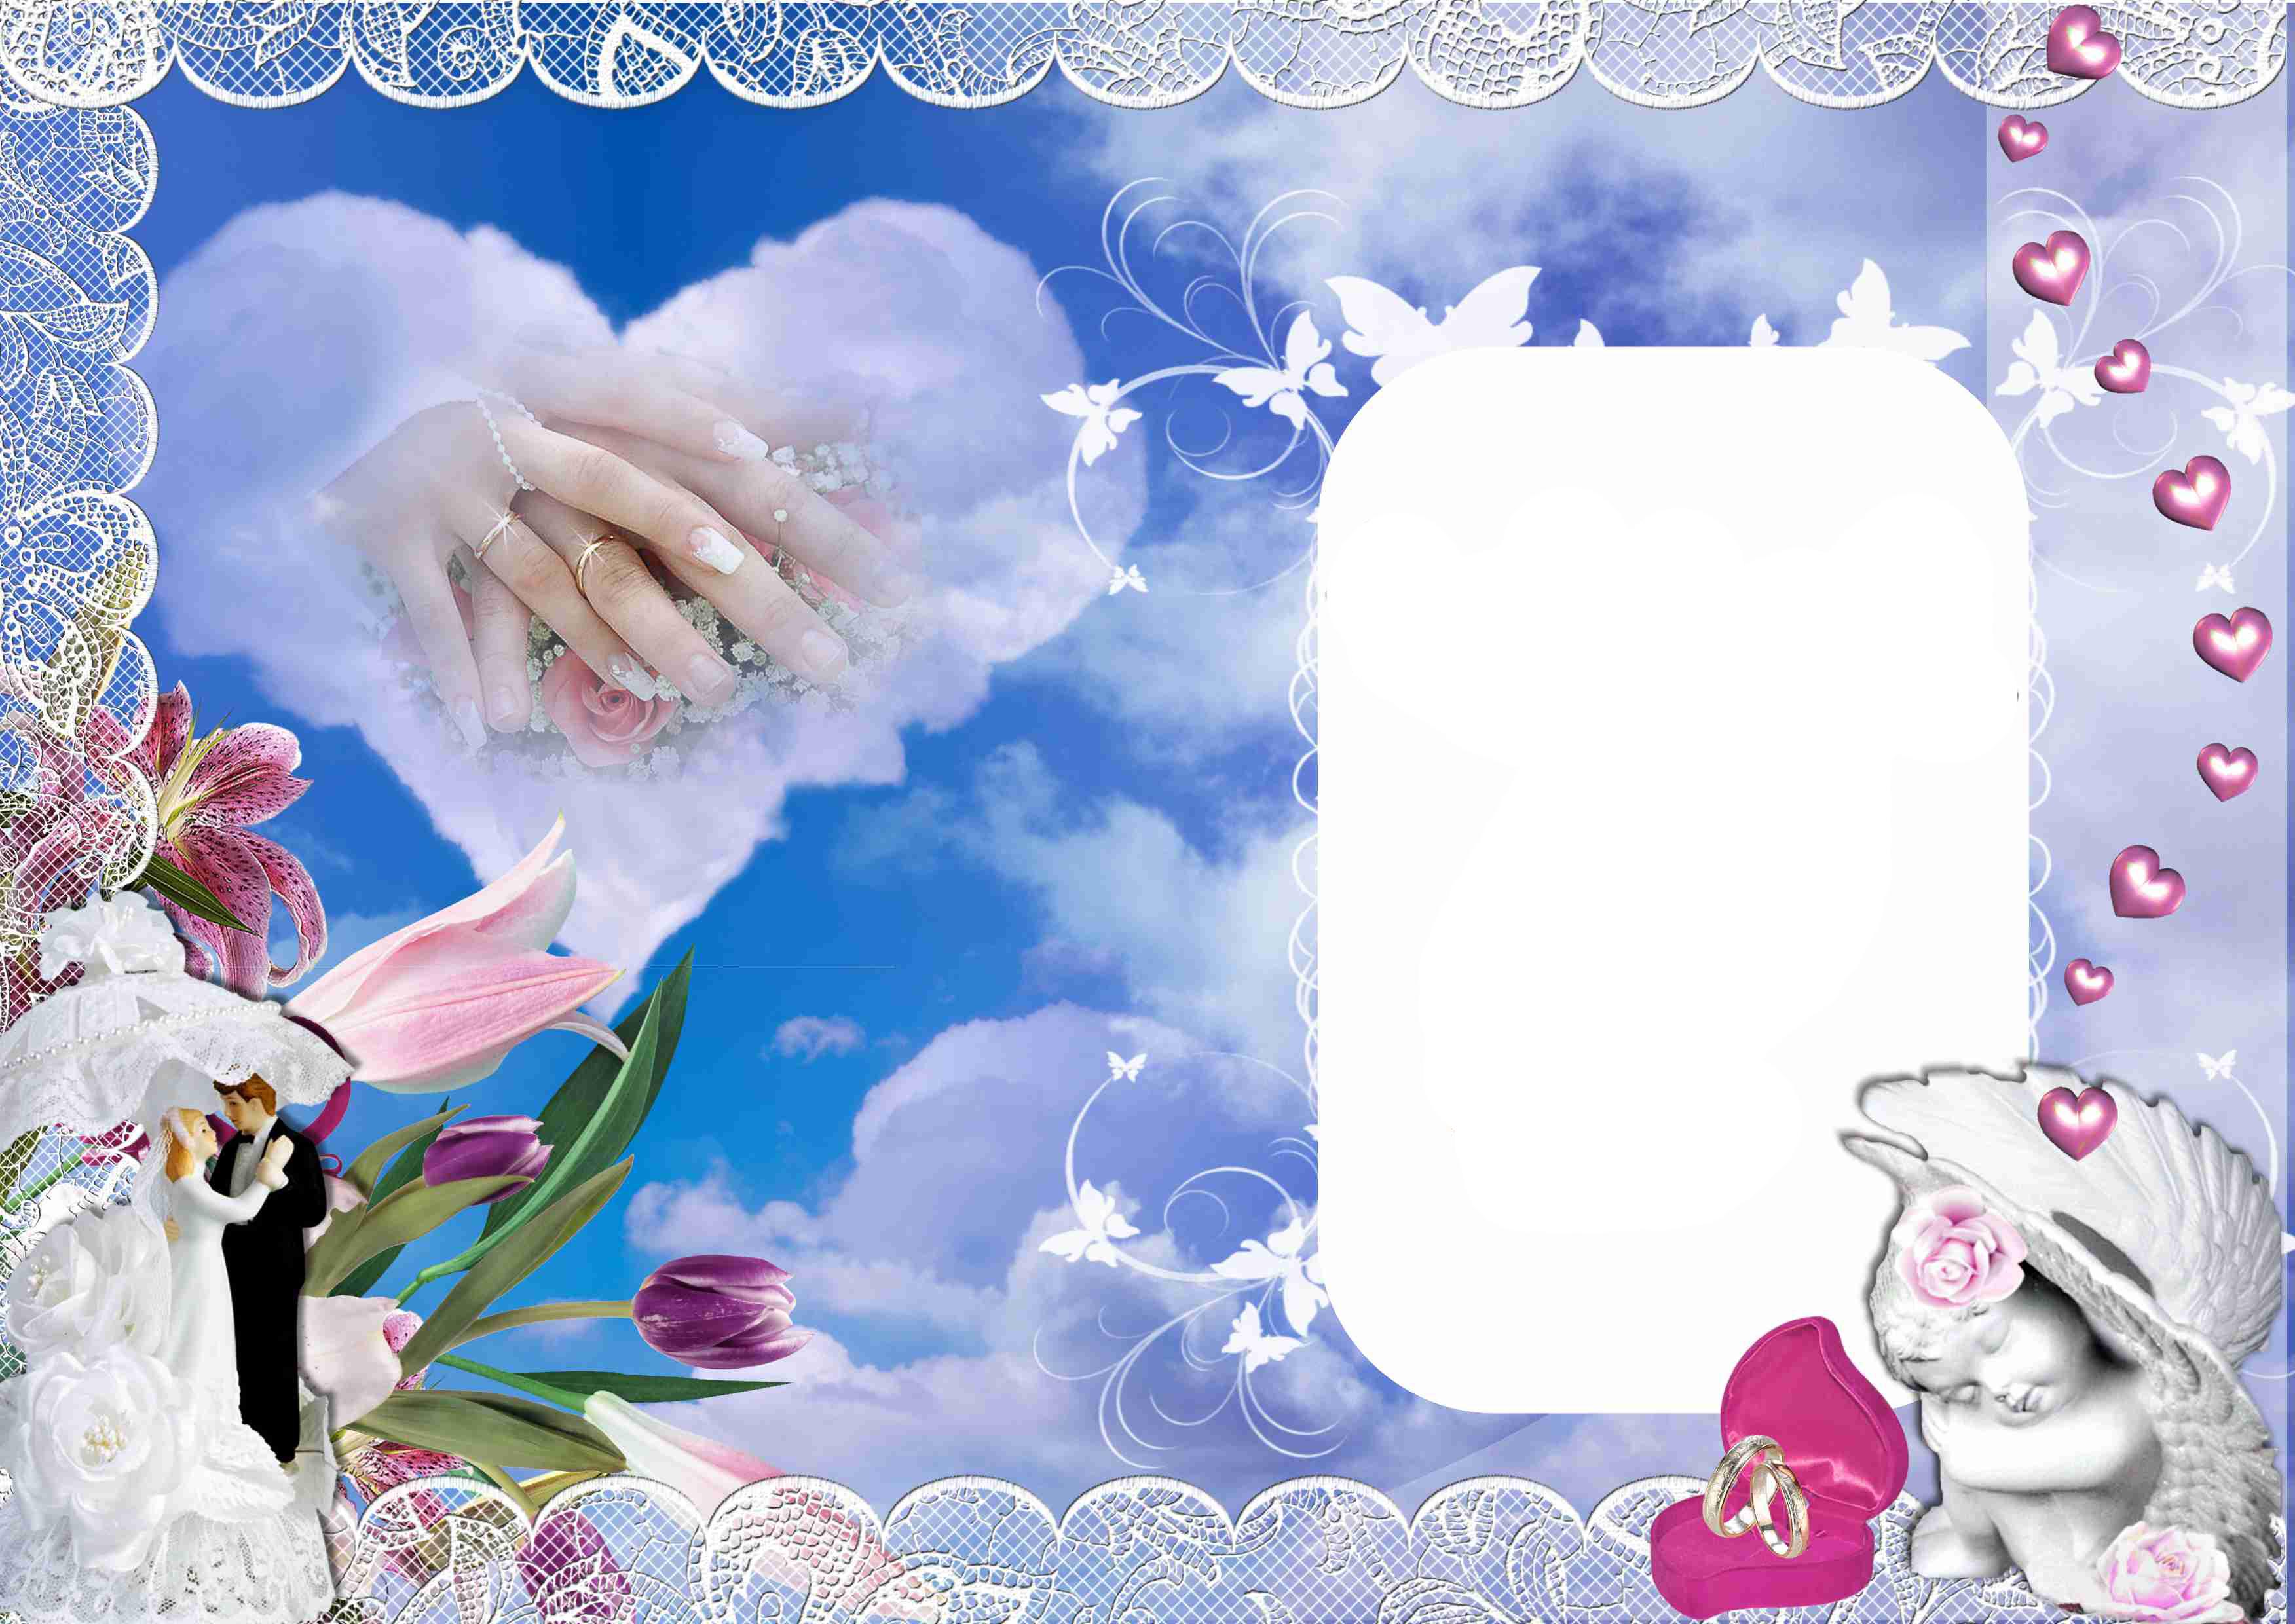 Фотошоп для свадебных фотографий